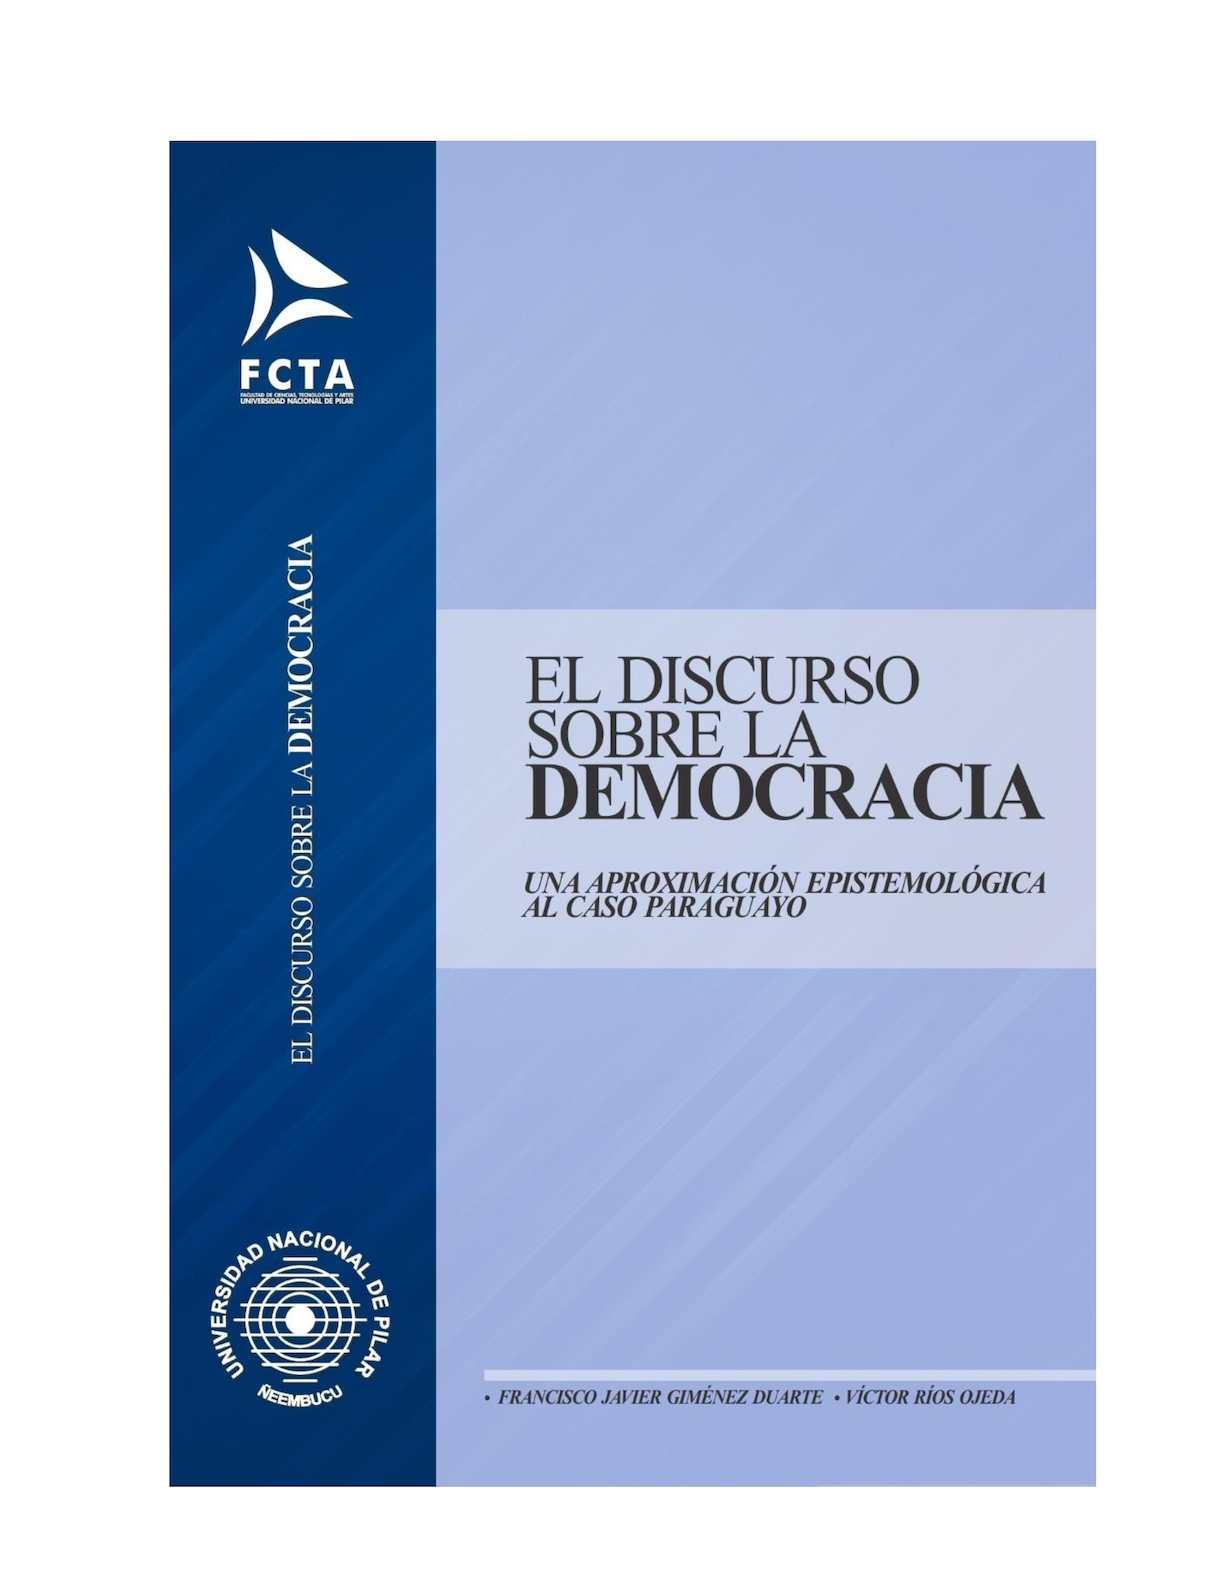 EL DISCURSO SOBRE LA DEMOCRACIA - (UNA APROXIMACIÓN EPISTEMOLÓGICA AL CASO PARAGUAYO)